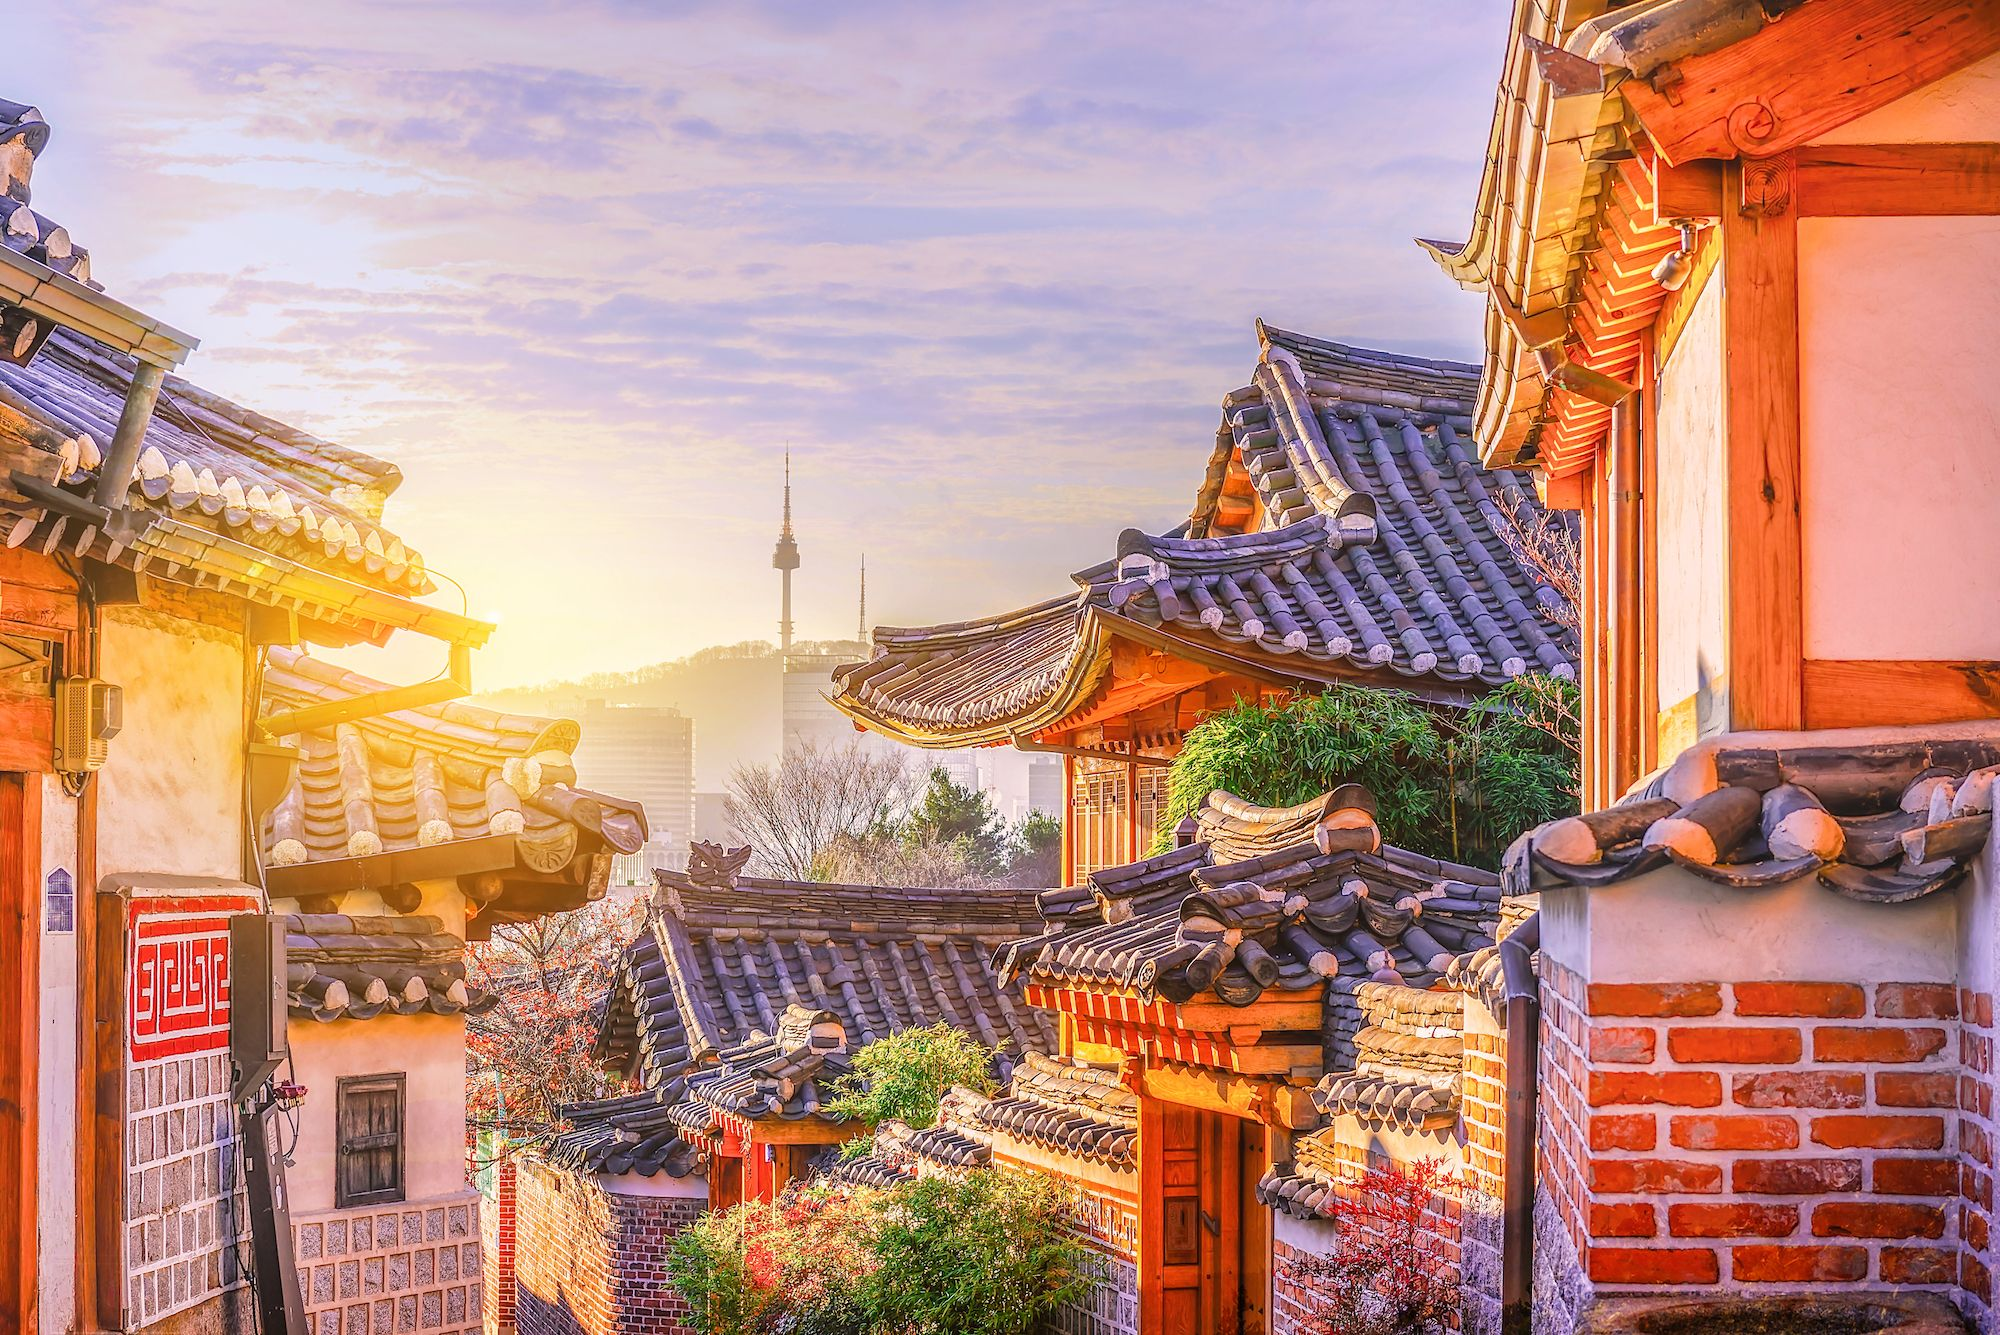 3 South Korea